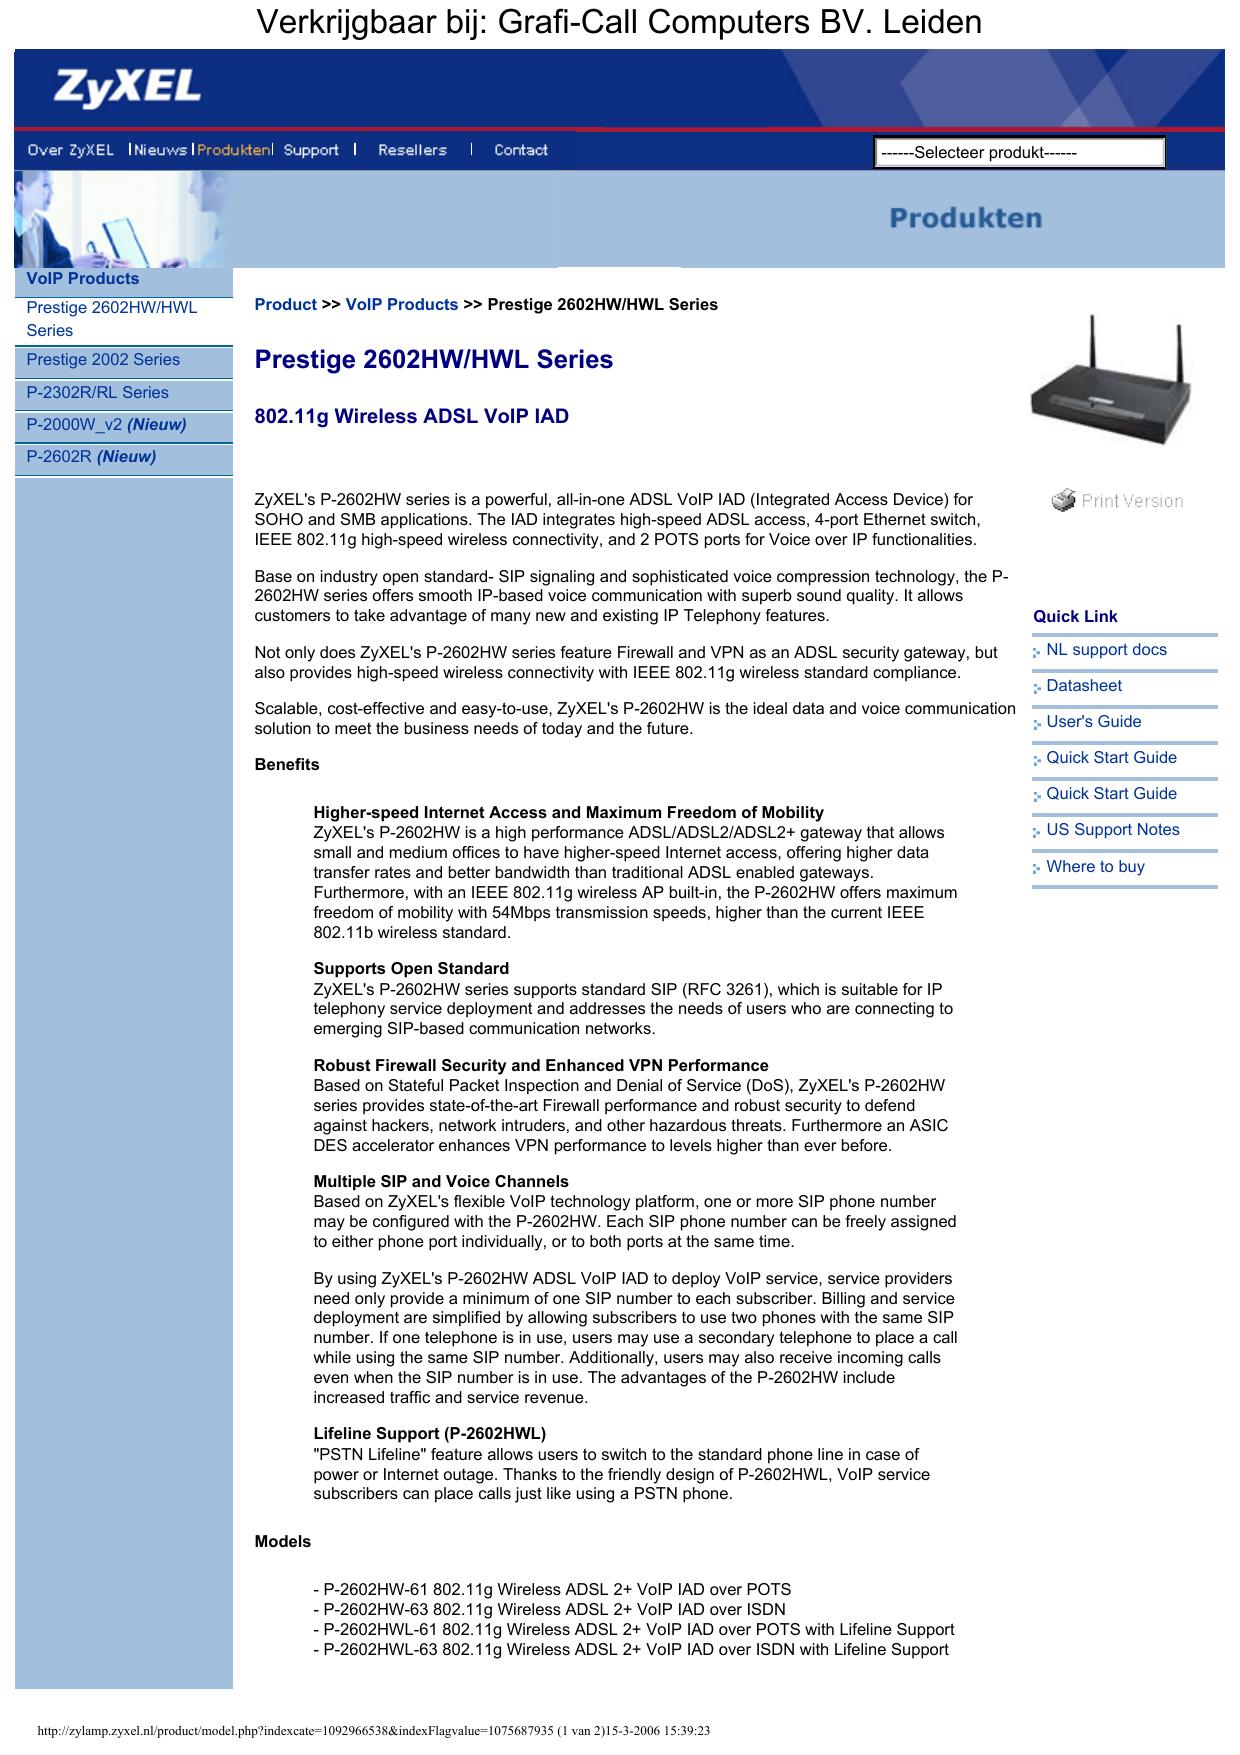 ZyXEL Prestige 2602HW-63 ADSL2+ VoIP ISDN - Grafi-Call | manualzz com